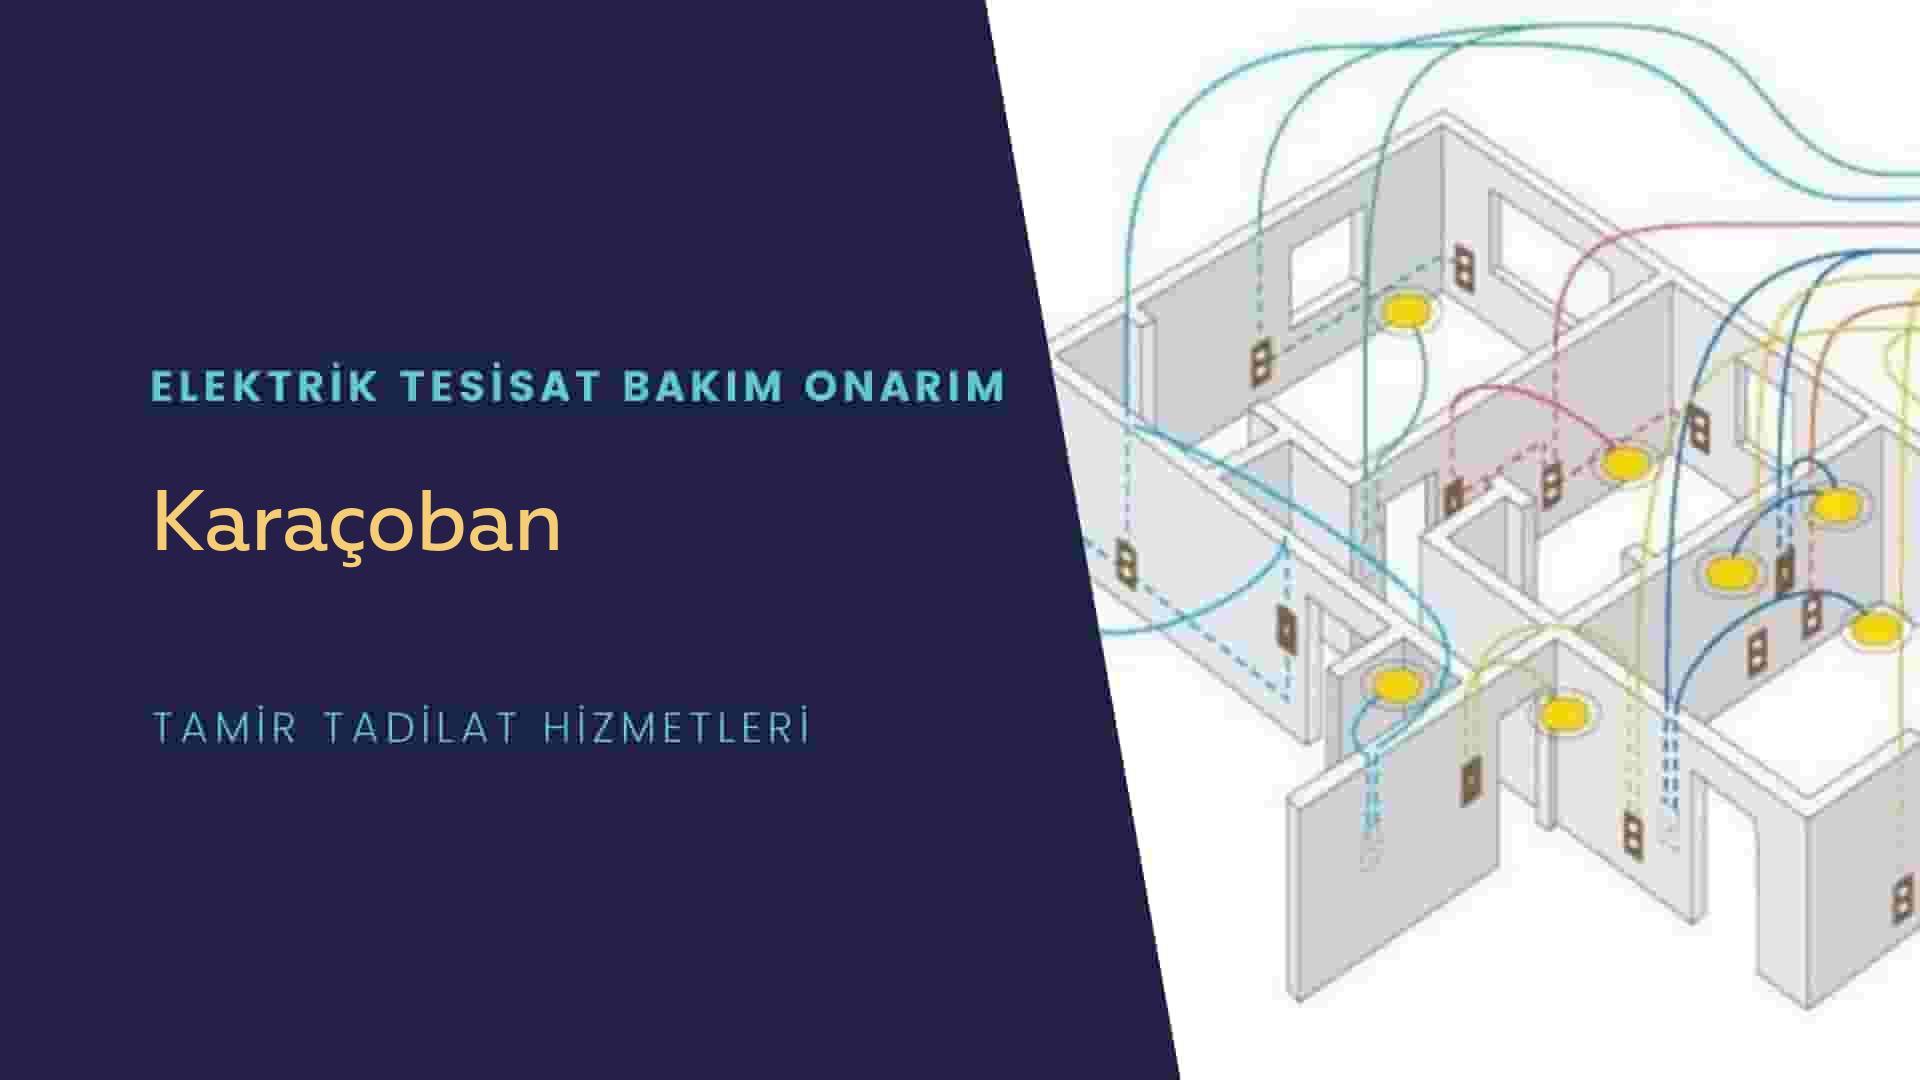 Karaçoban'da elektrik tesisatıustalarımı arıyorsunuz doğru adrestenizi Karaçoban elektrik tesisatı ustalarımız 7/24 sizlere hizmet vermekten mutluluk duyar.